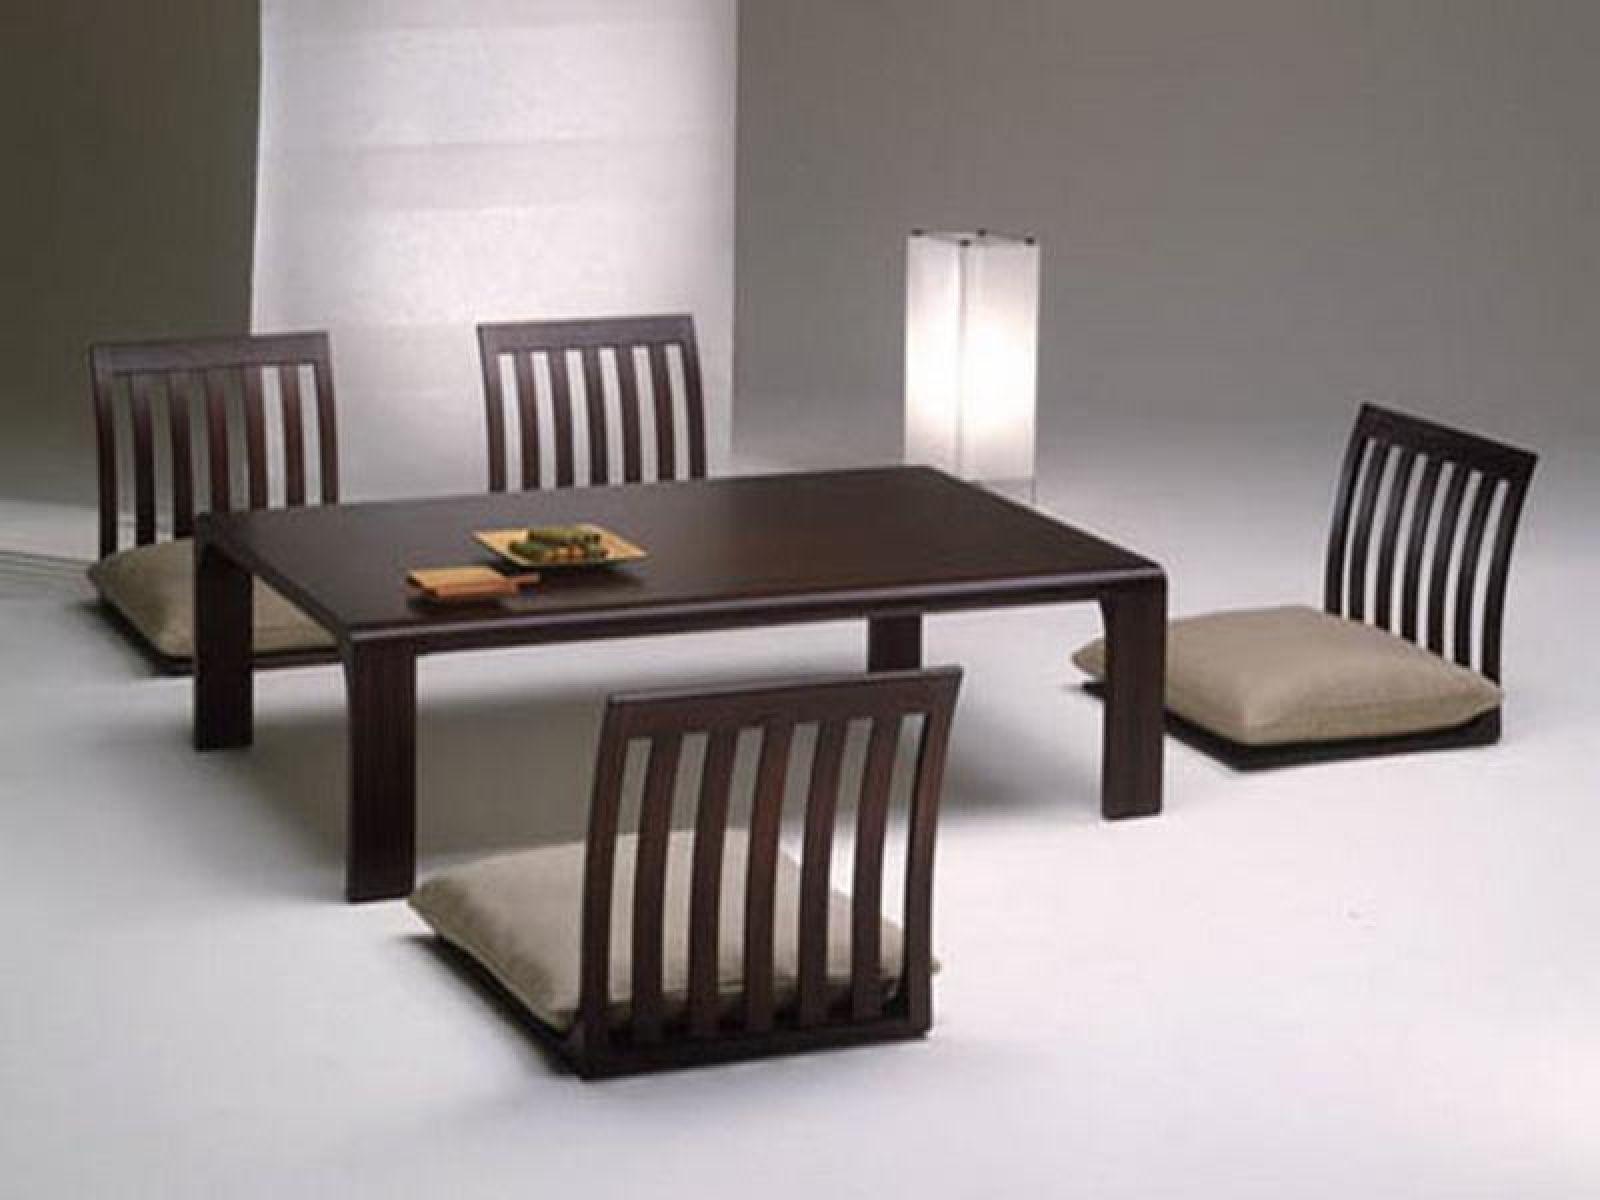 Bàn trà Nhật ngồi bệt tạo nên không gian thanh nhã cho ngôi nhà của bạn